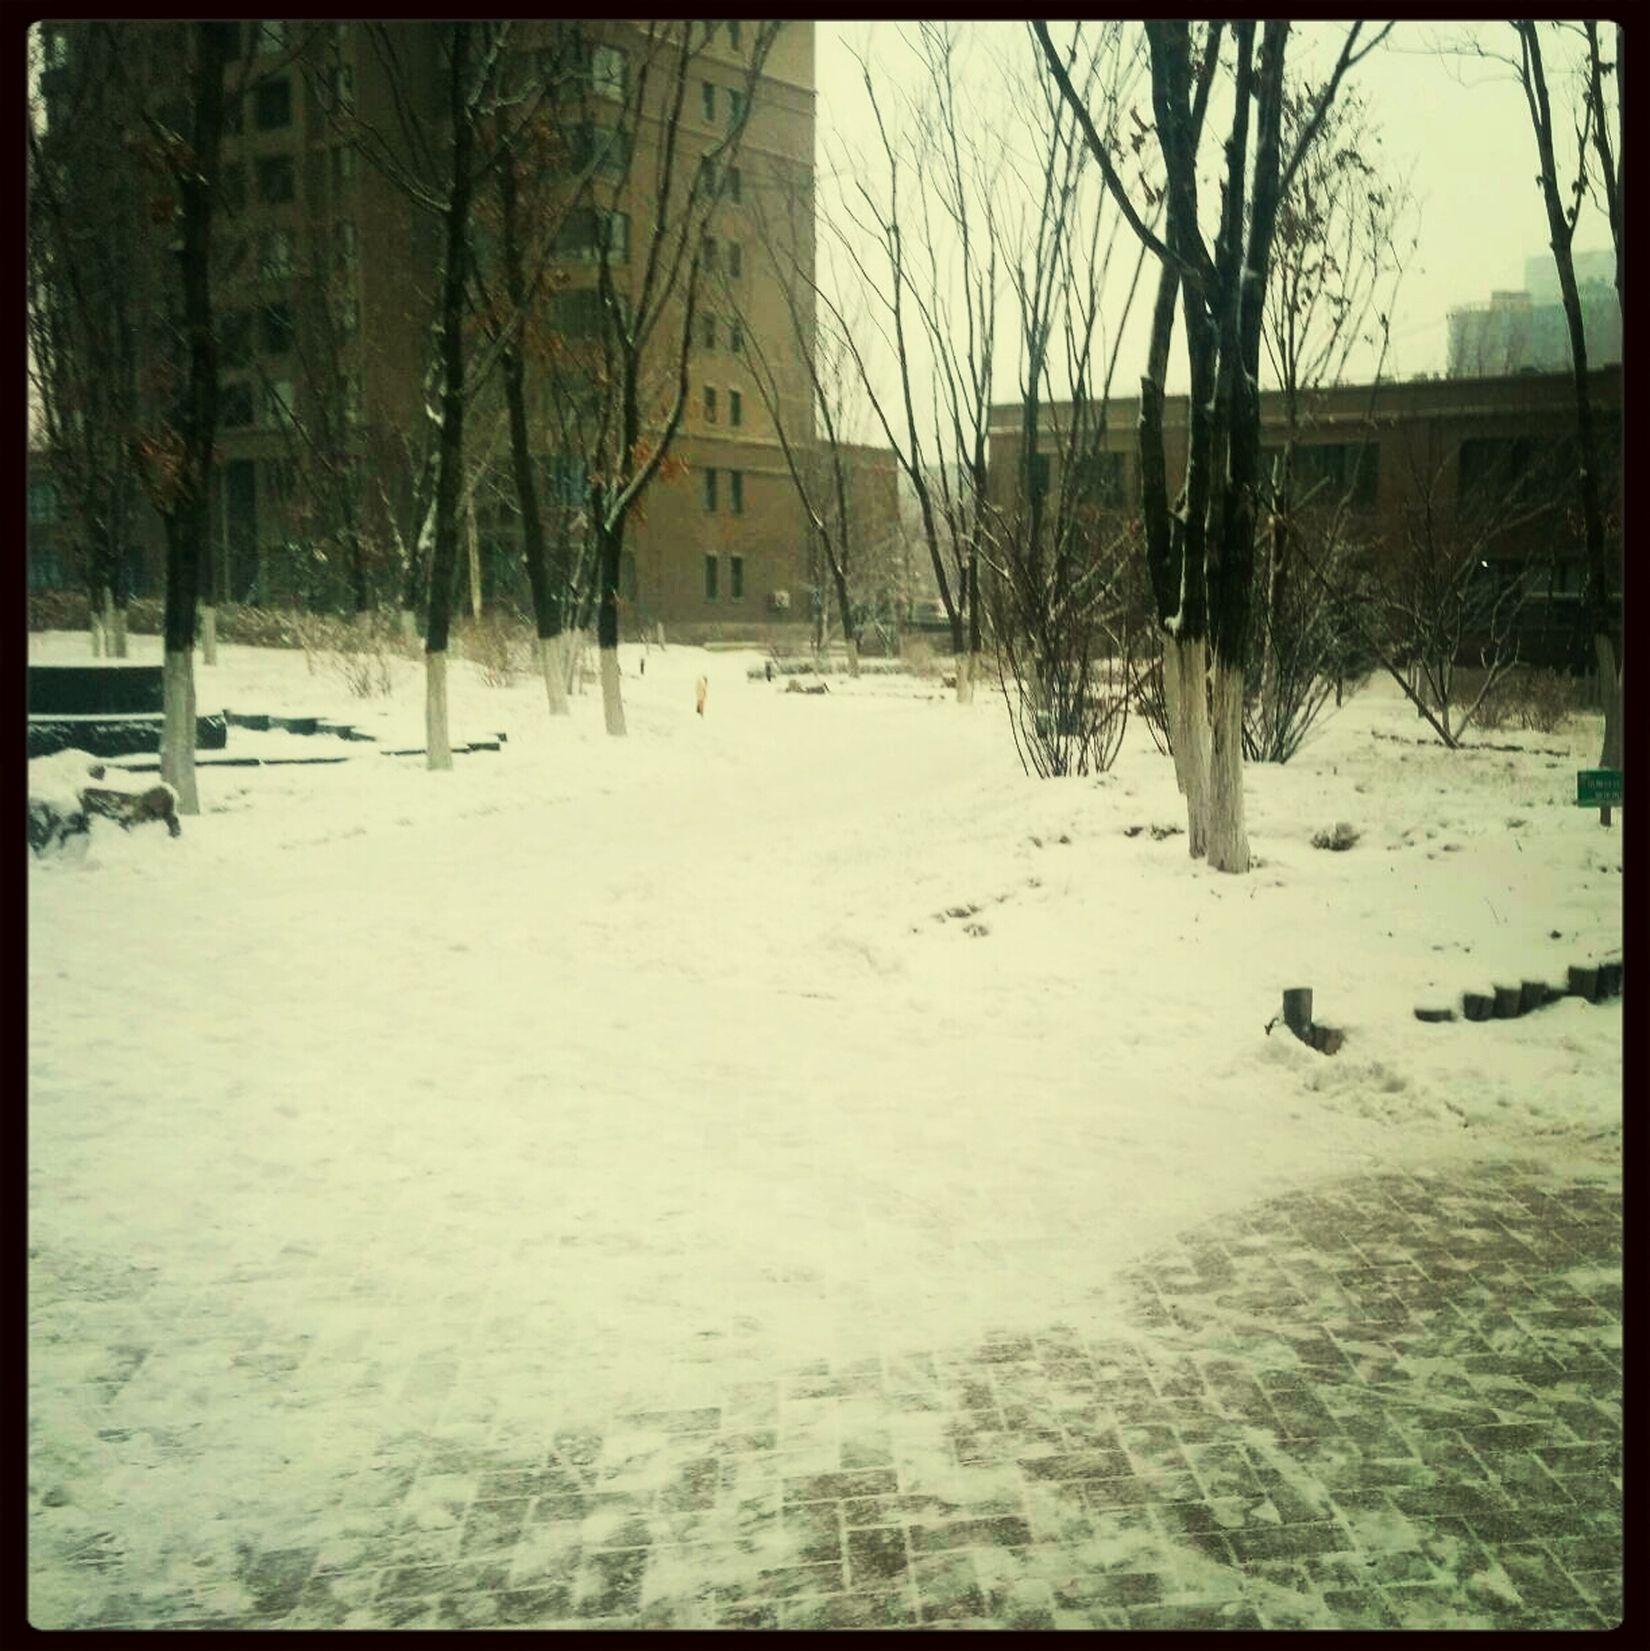 又一场大雪